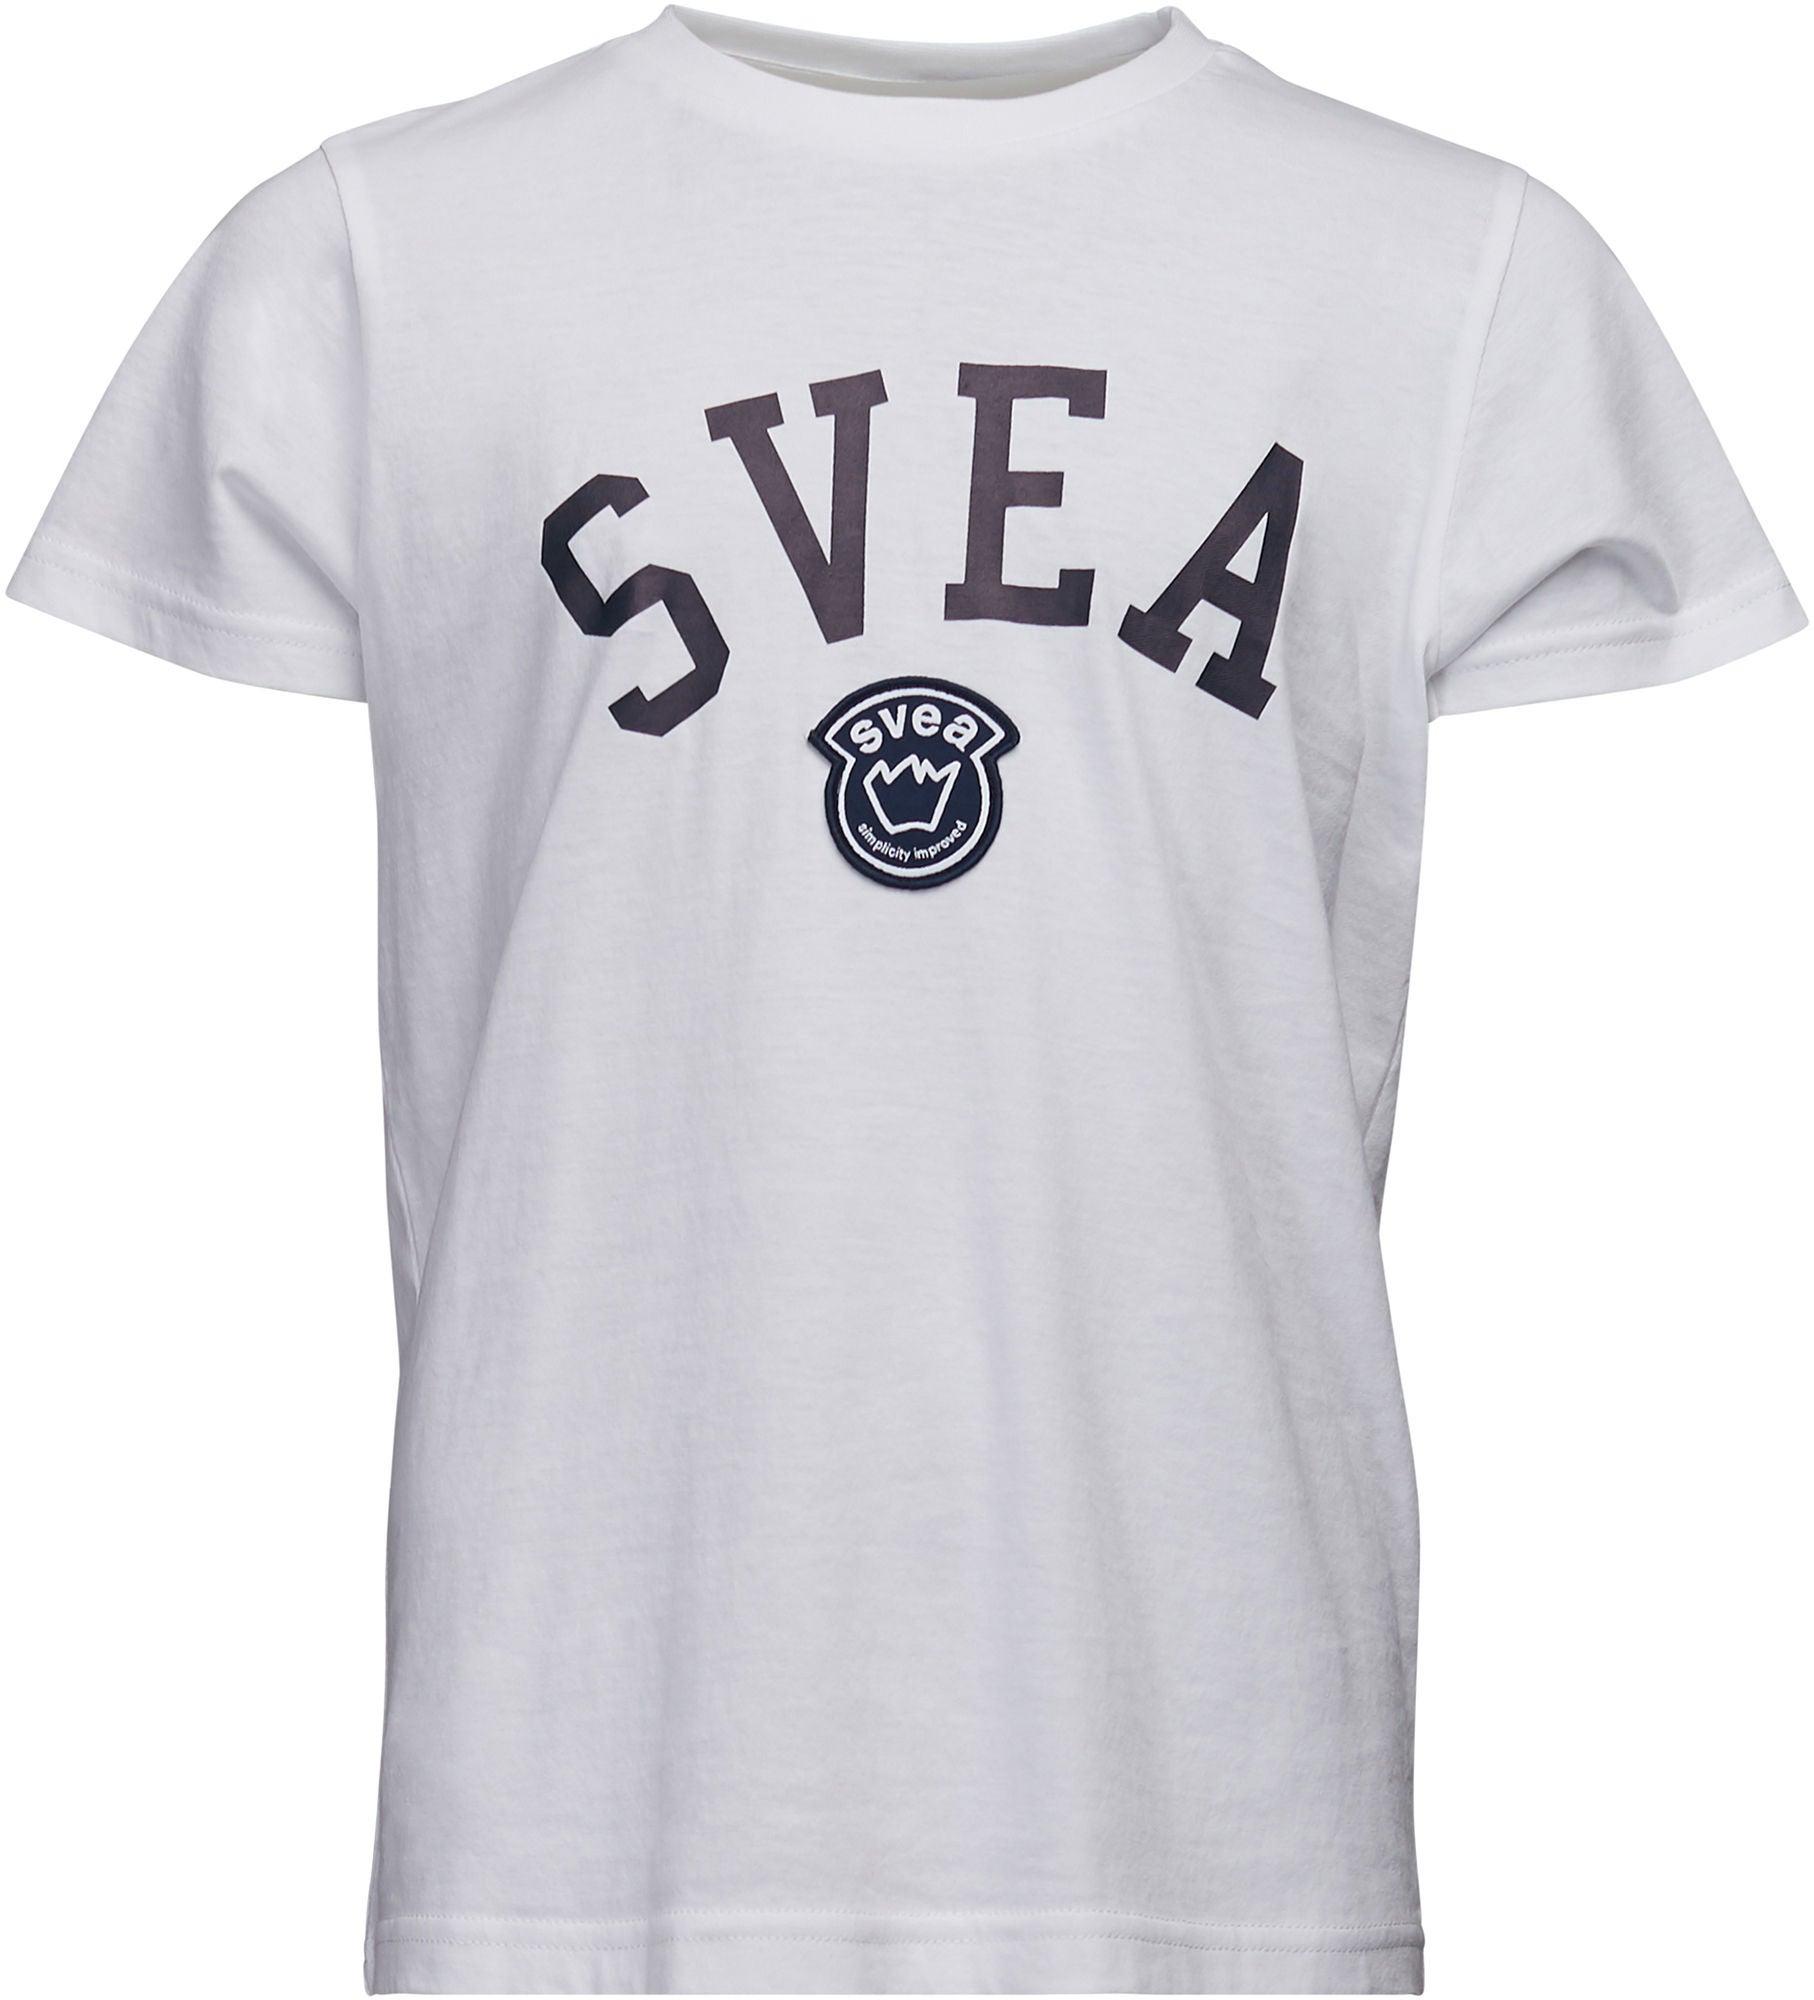 Svea Chicago T-Shirt, Vit 170